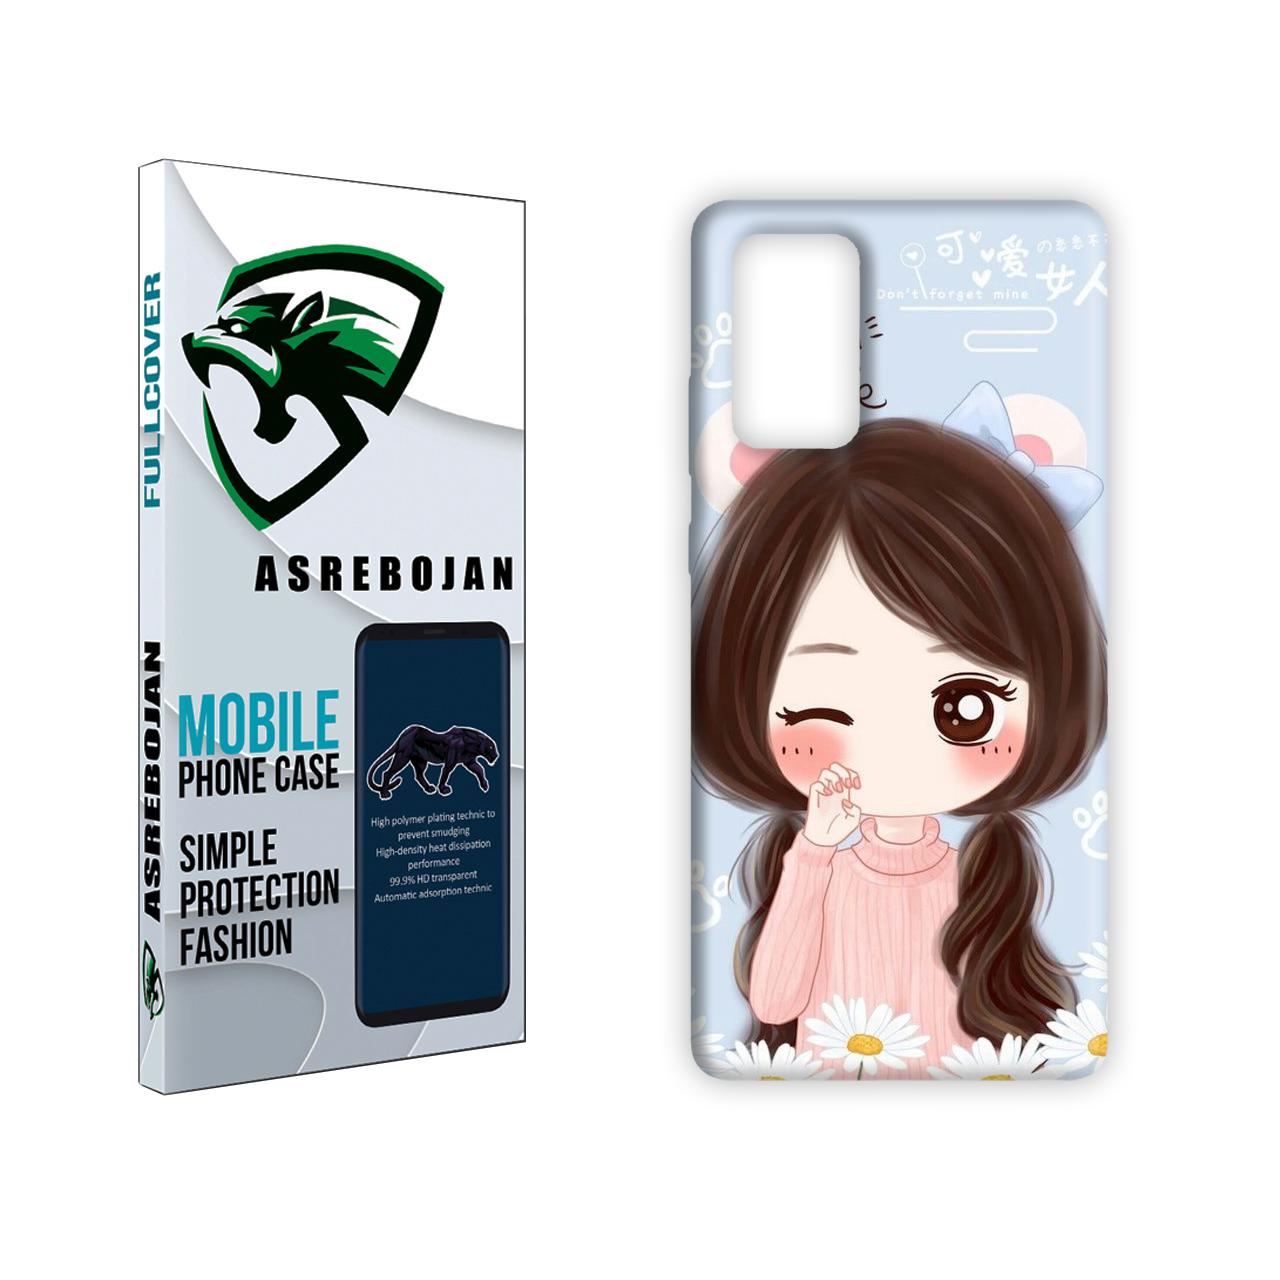 کاور عصر بوژان مدل دخترانه کد 0212 مناسب برای گوشی موبایل سامسونگ galaxy a32 5g